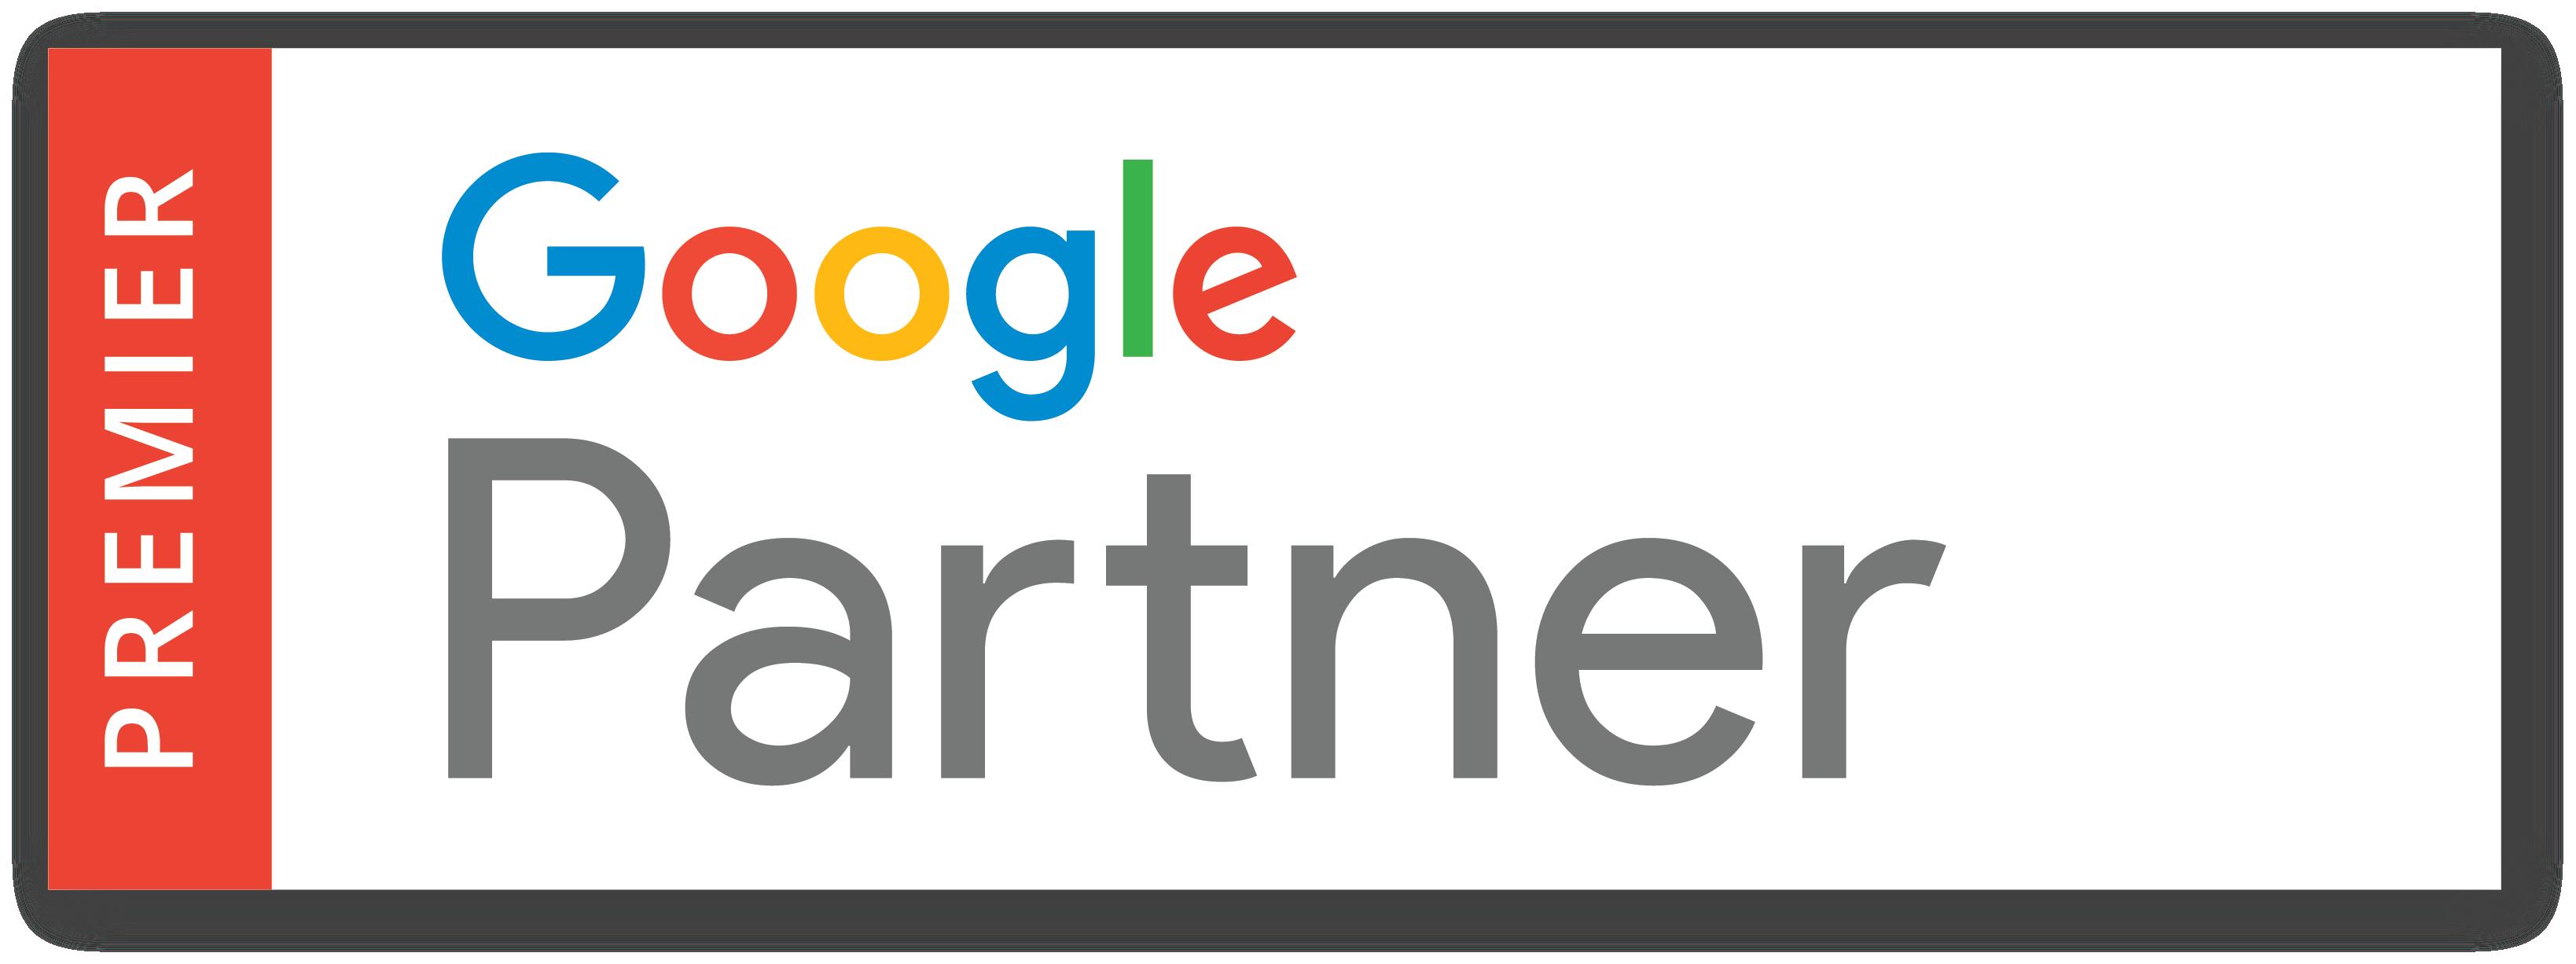 Google Premier Partners